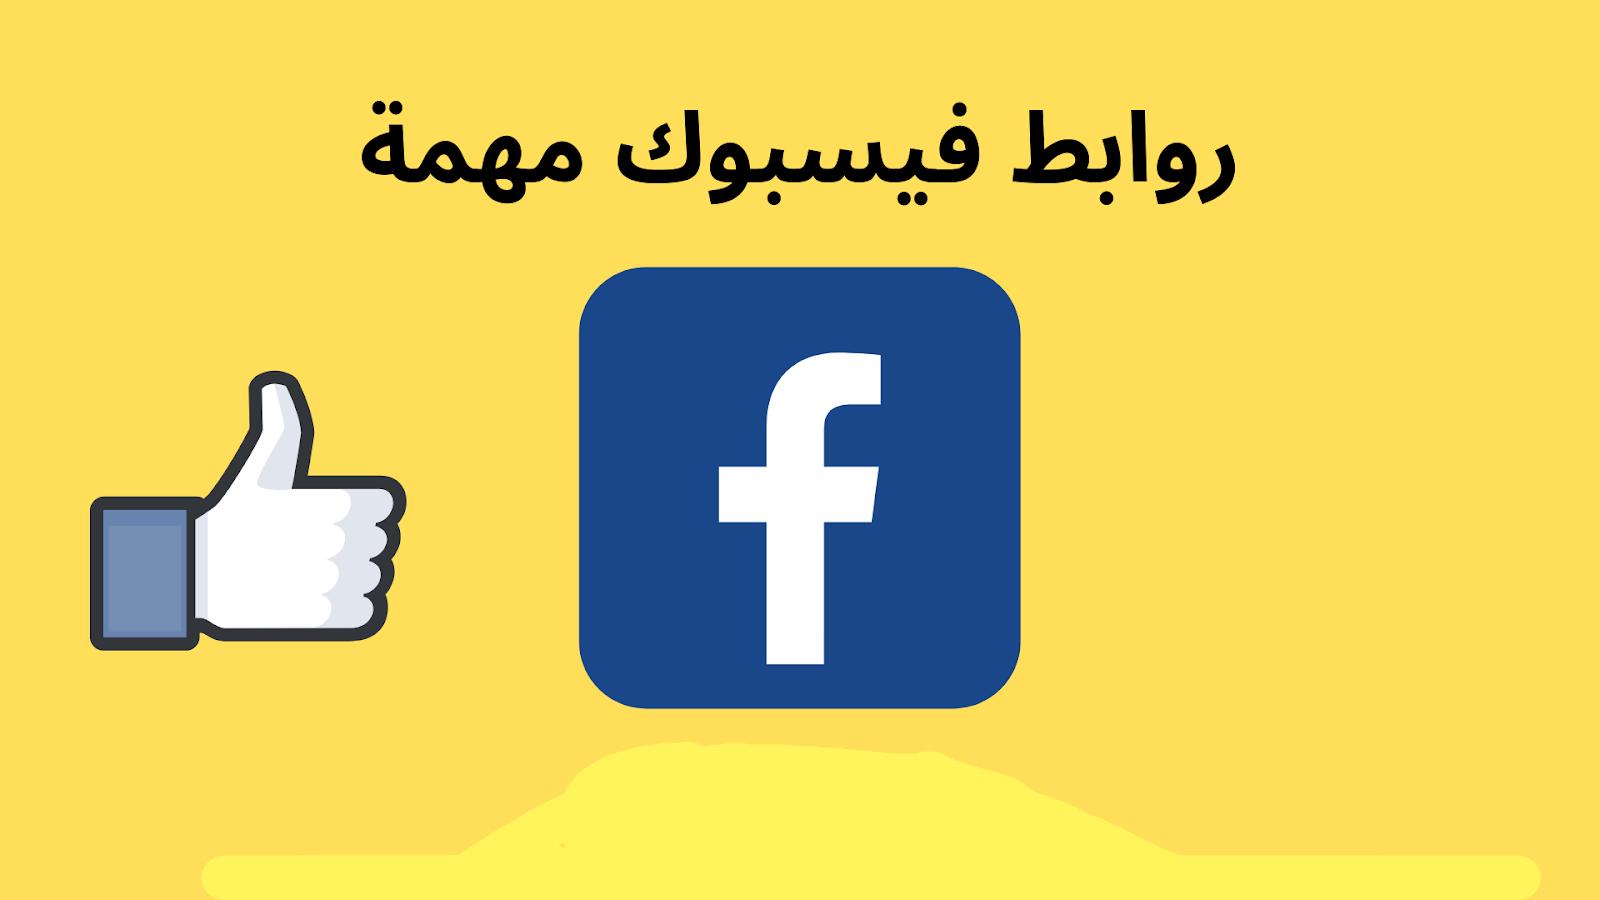 روابط. مهمة غادي تحتاجها ضروري للفيسبوك